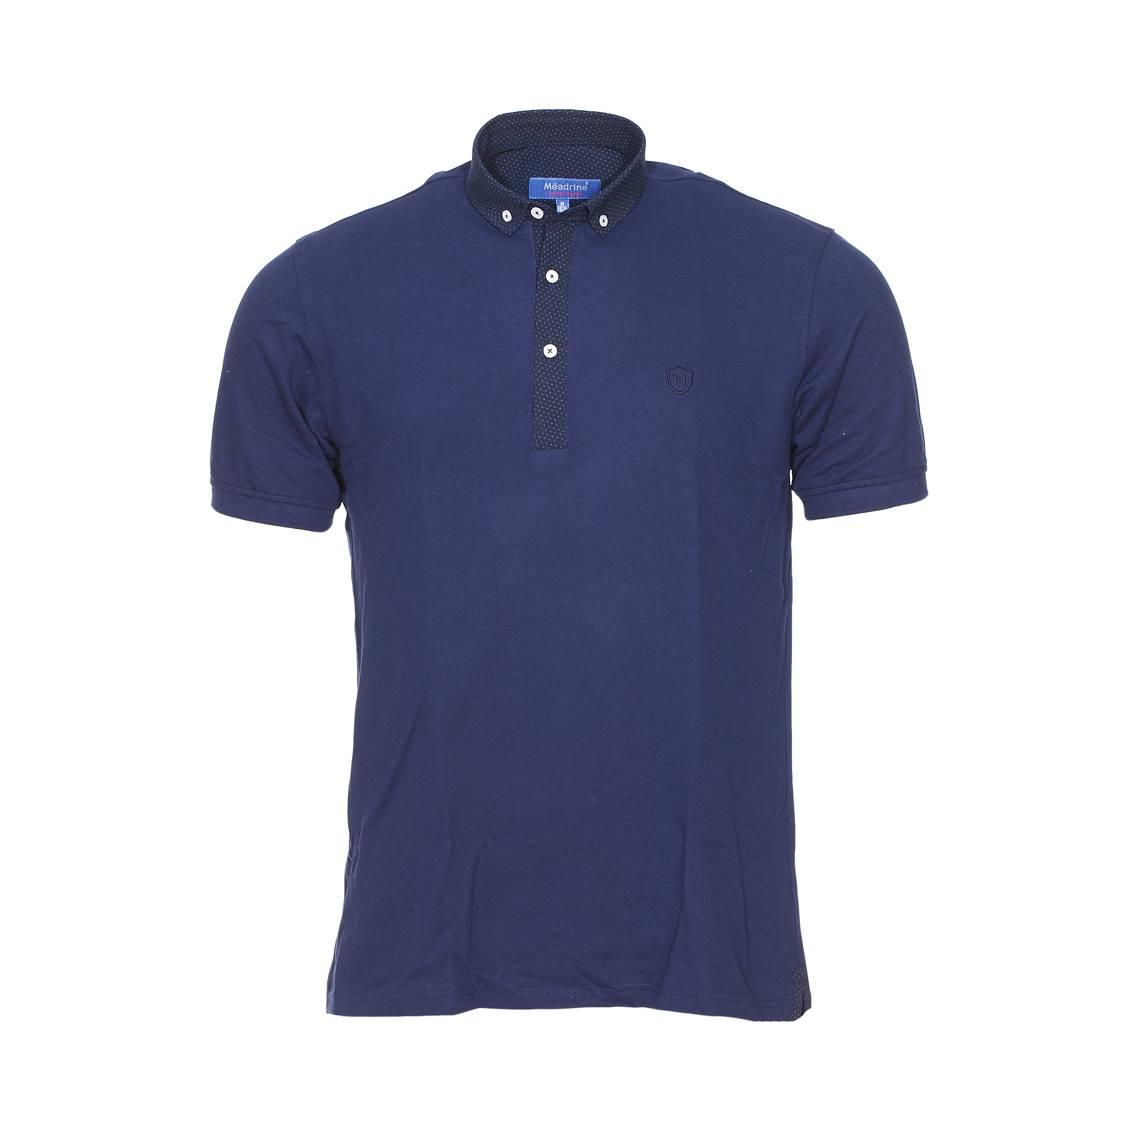 Polo Méadrine en maille piquée bleu marine, col noir à petit pois bleus